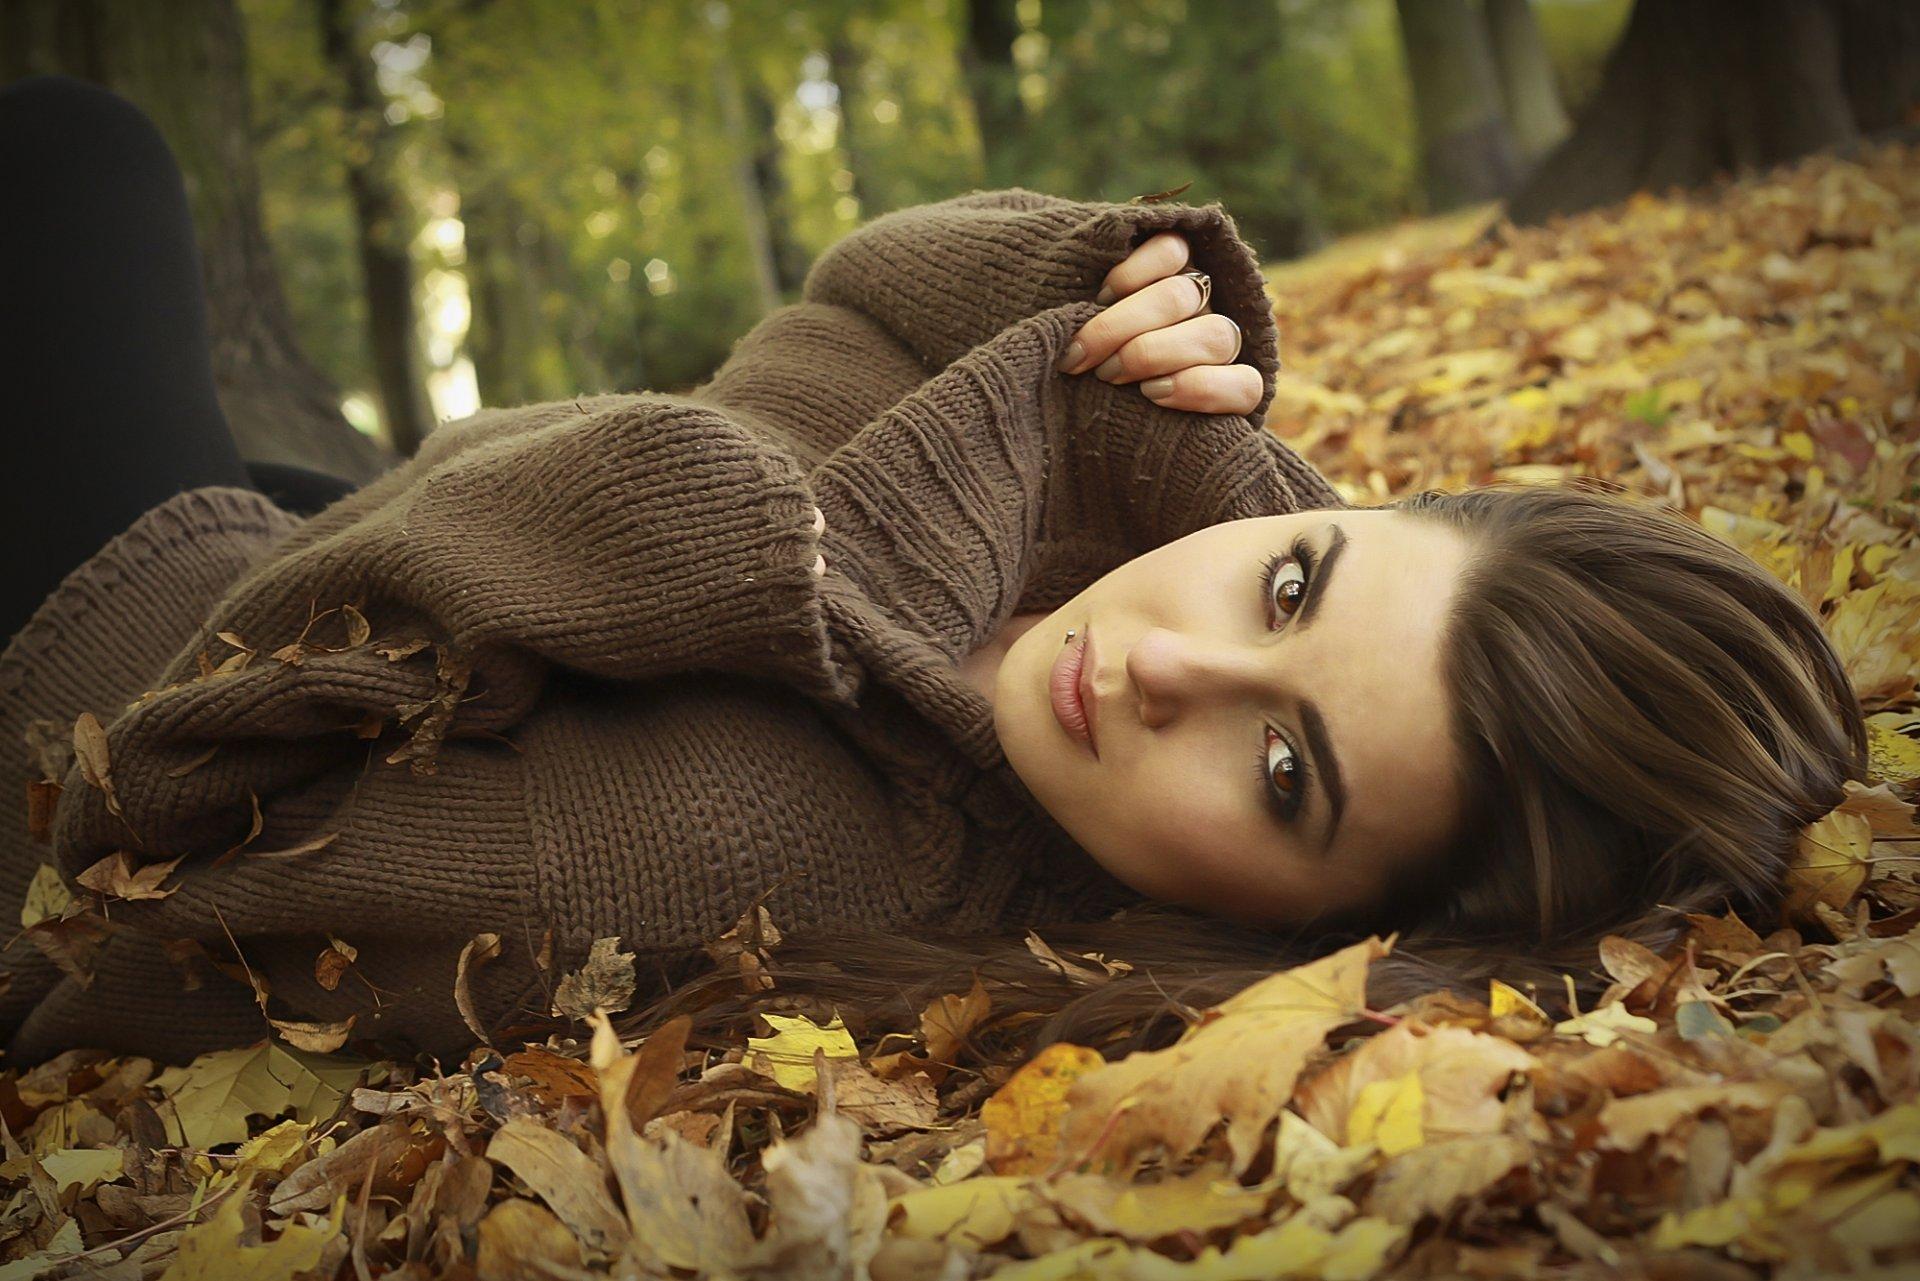 Фотосессия осень девушки фото